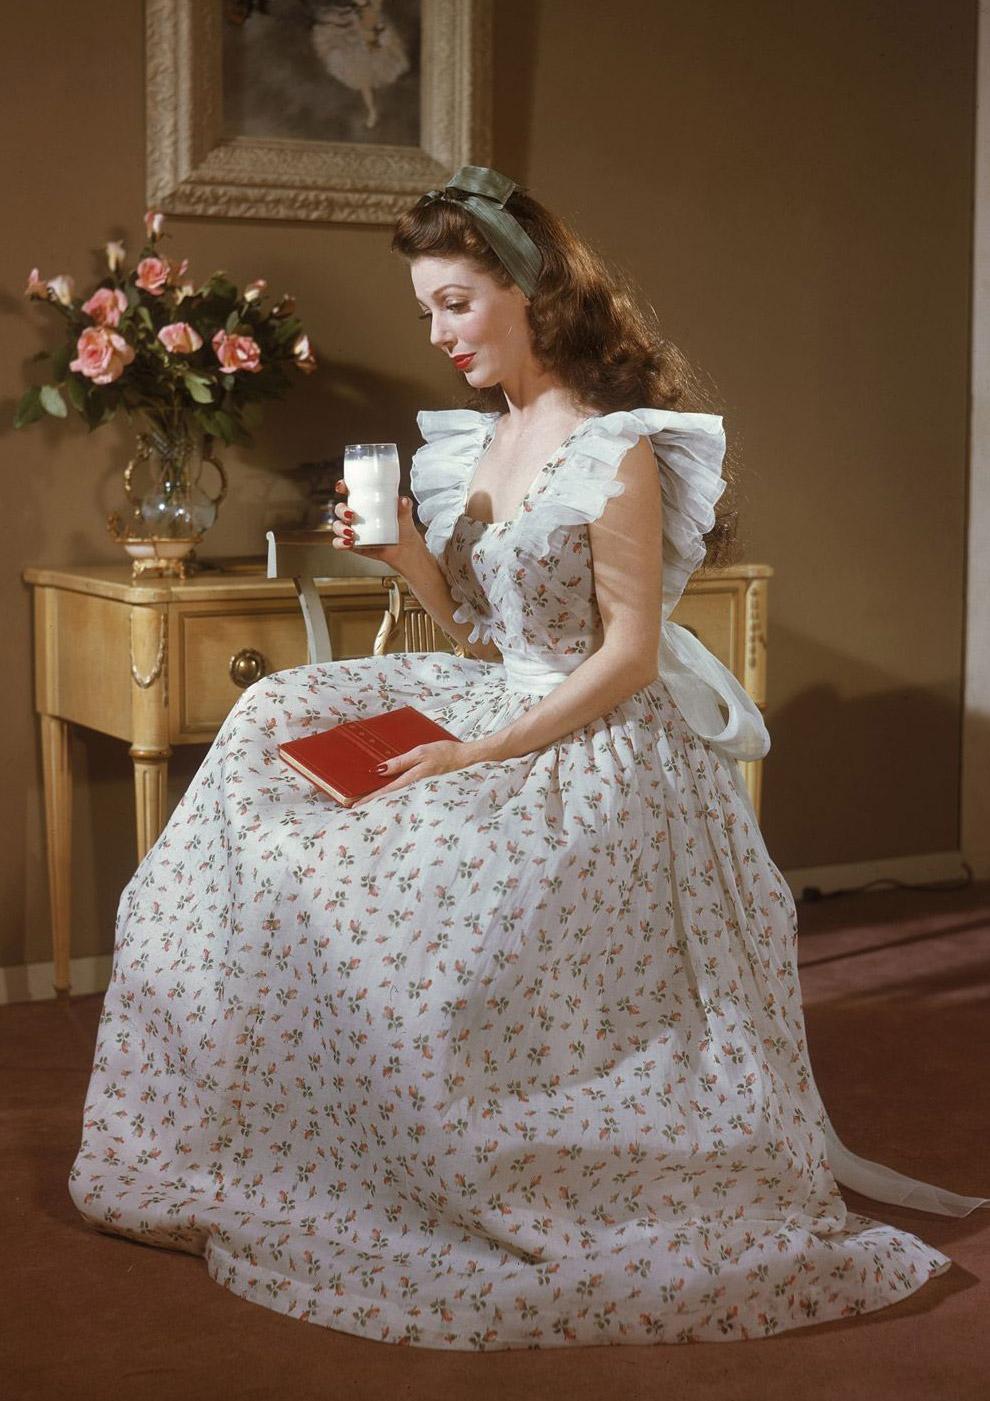 Актриса Лоретта Янг в роли фермерской дочки за которую она получила Оскара. Фото Боб Лэндри, 1948 год.